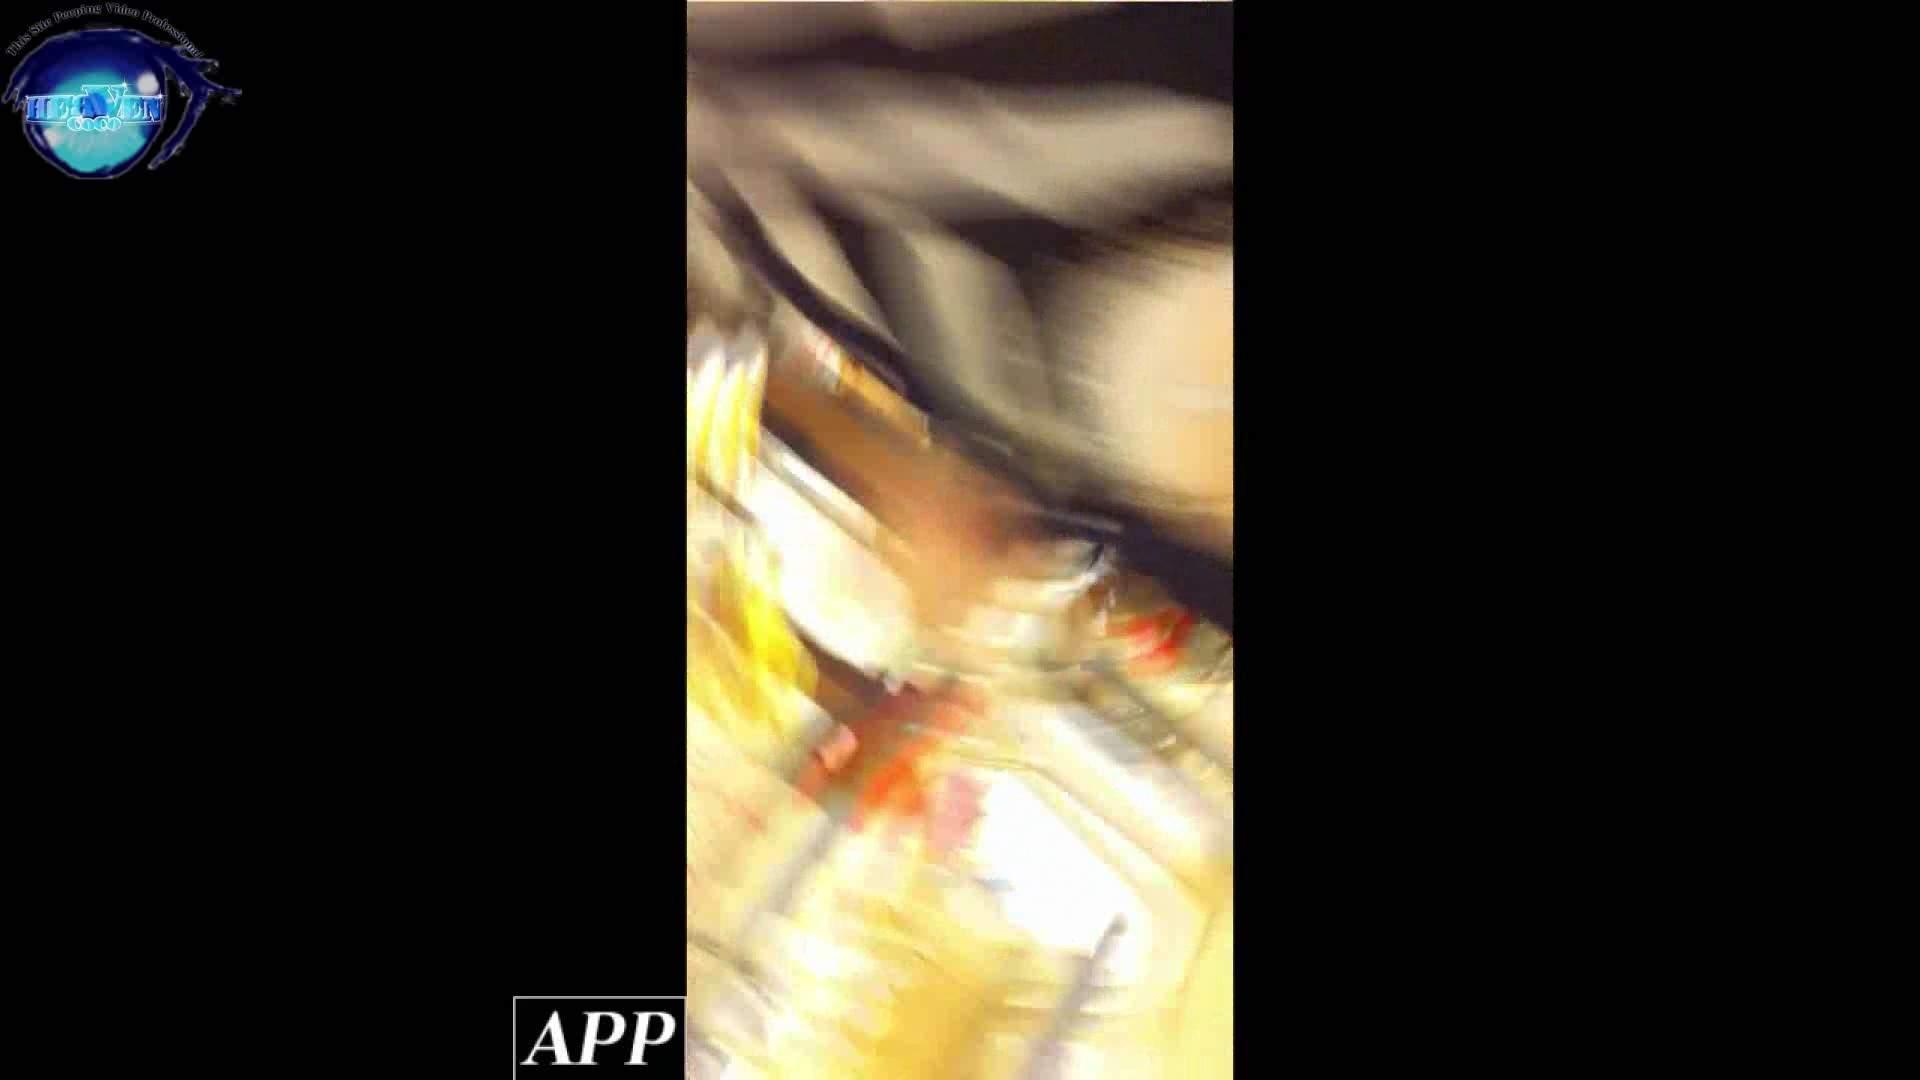 ハイビジョン盗撮!ショップ店員千人斬り!胸チラ編 vol.59 盗撮 | 接写  88pic 11